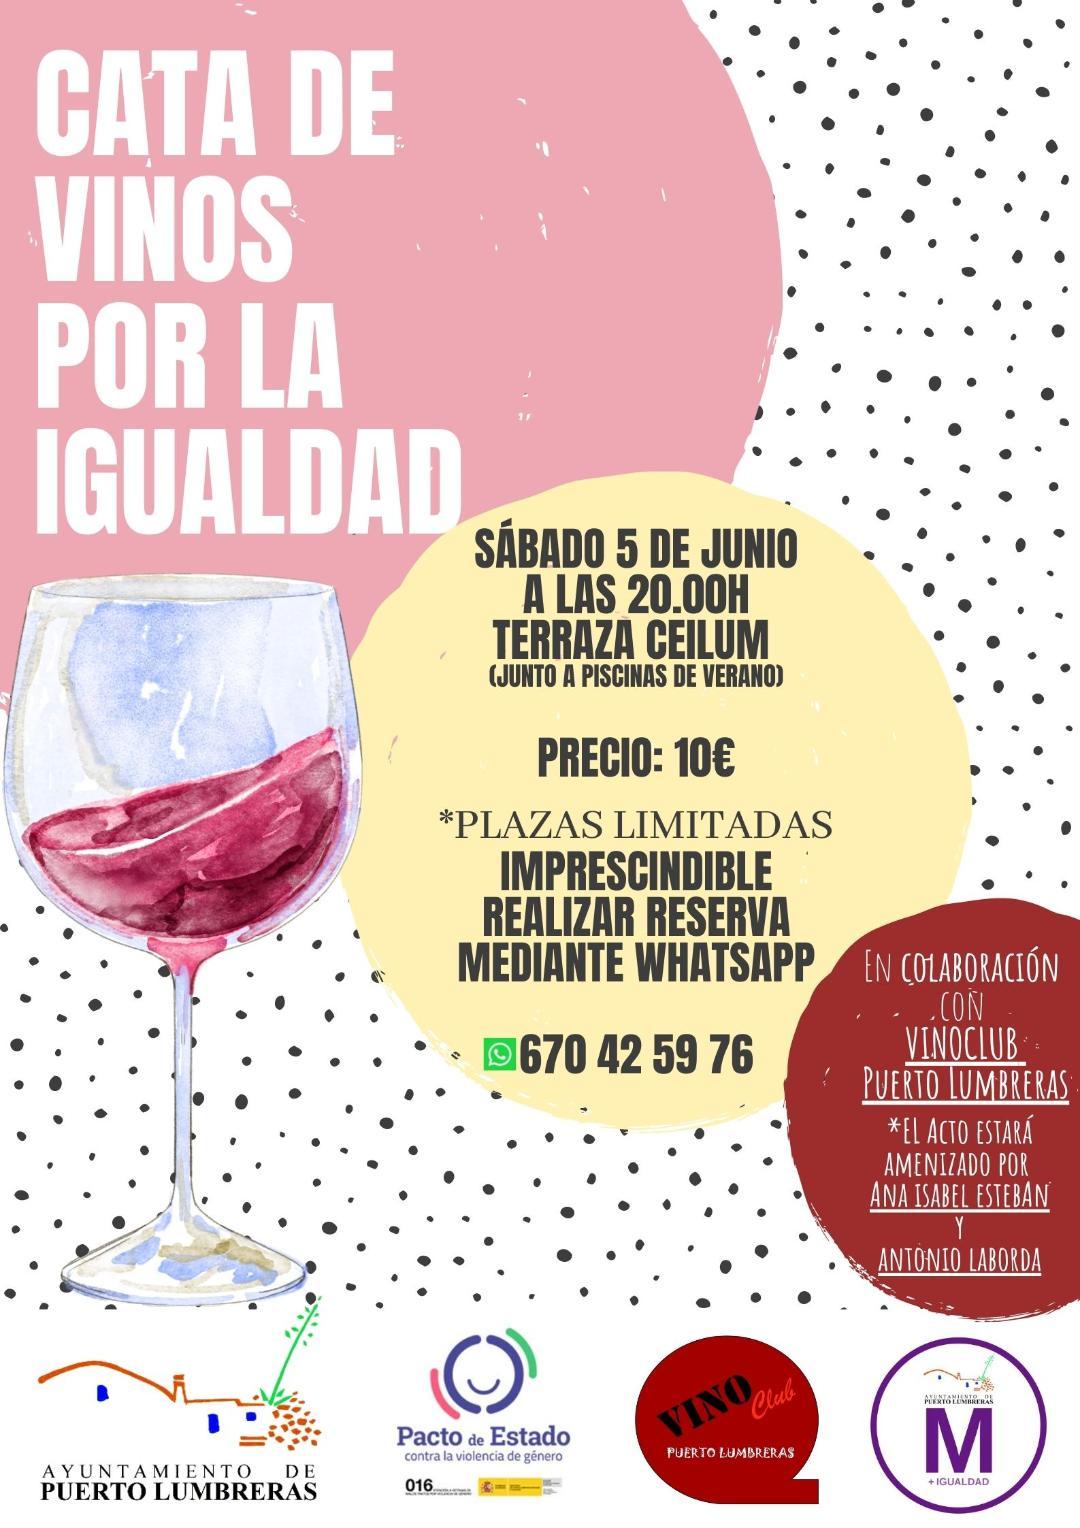 """El Ayuntamiento de Puerto Lumbreras organiza el próximo sábado la """"I Cata de Vinos por la Igualdad"""" para reivindicar el papel de la mujer en el mundo del vino"""